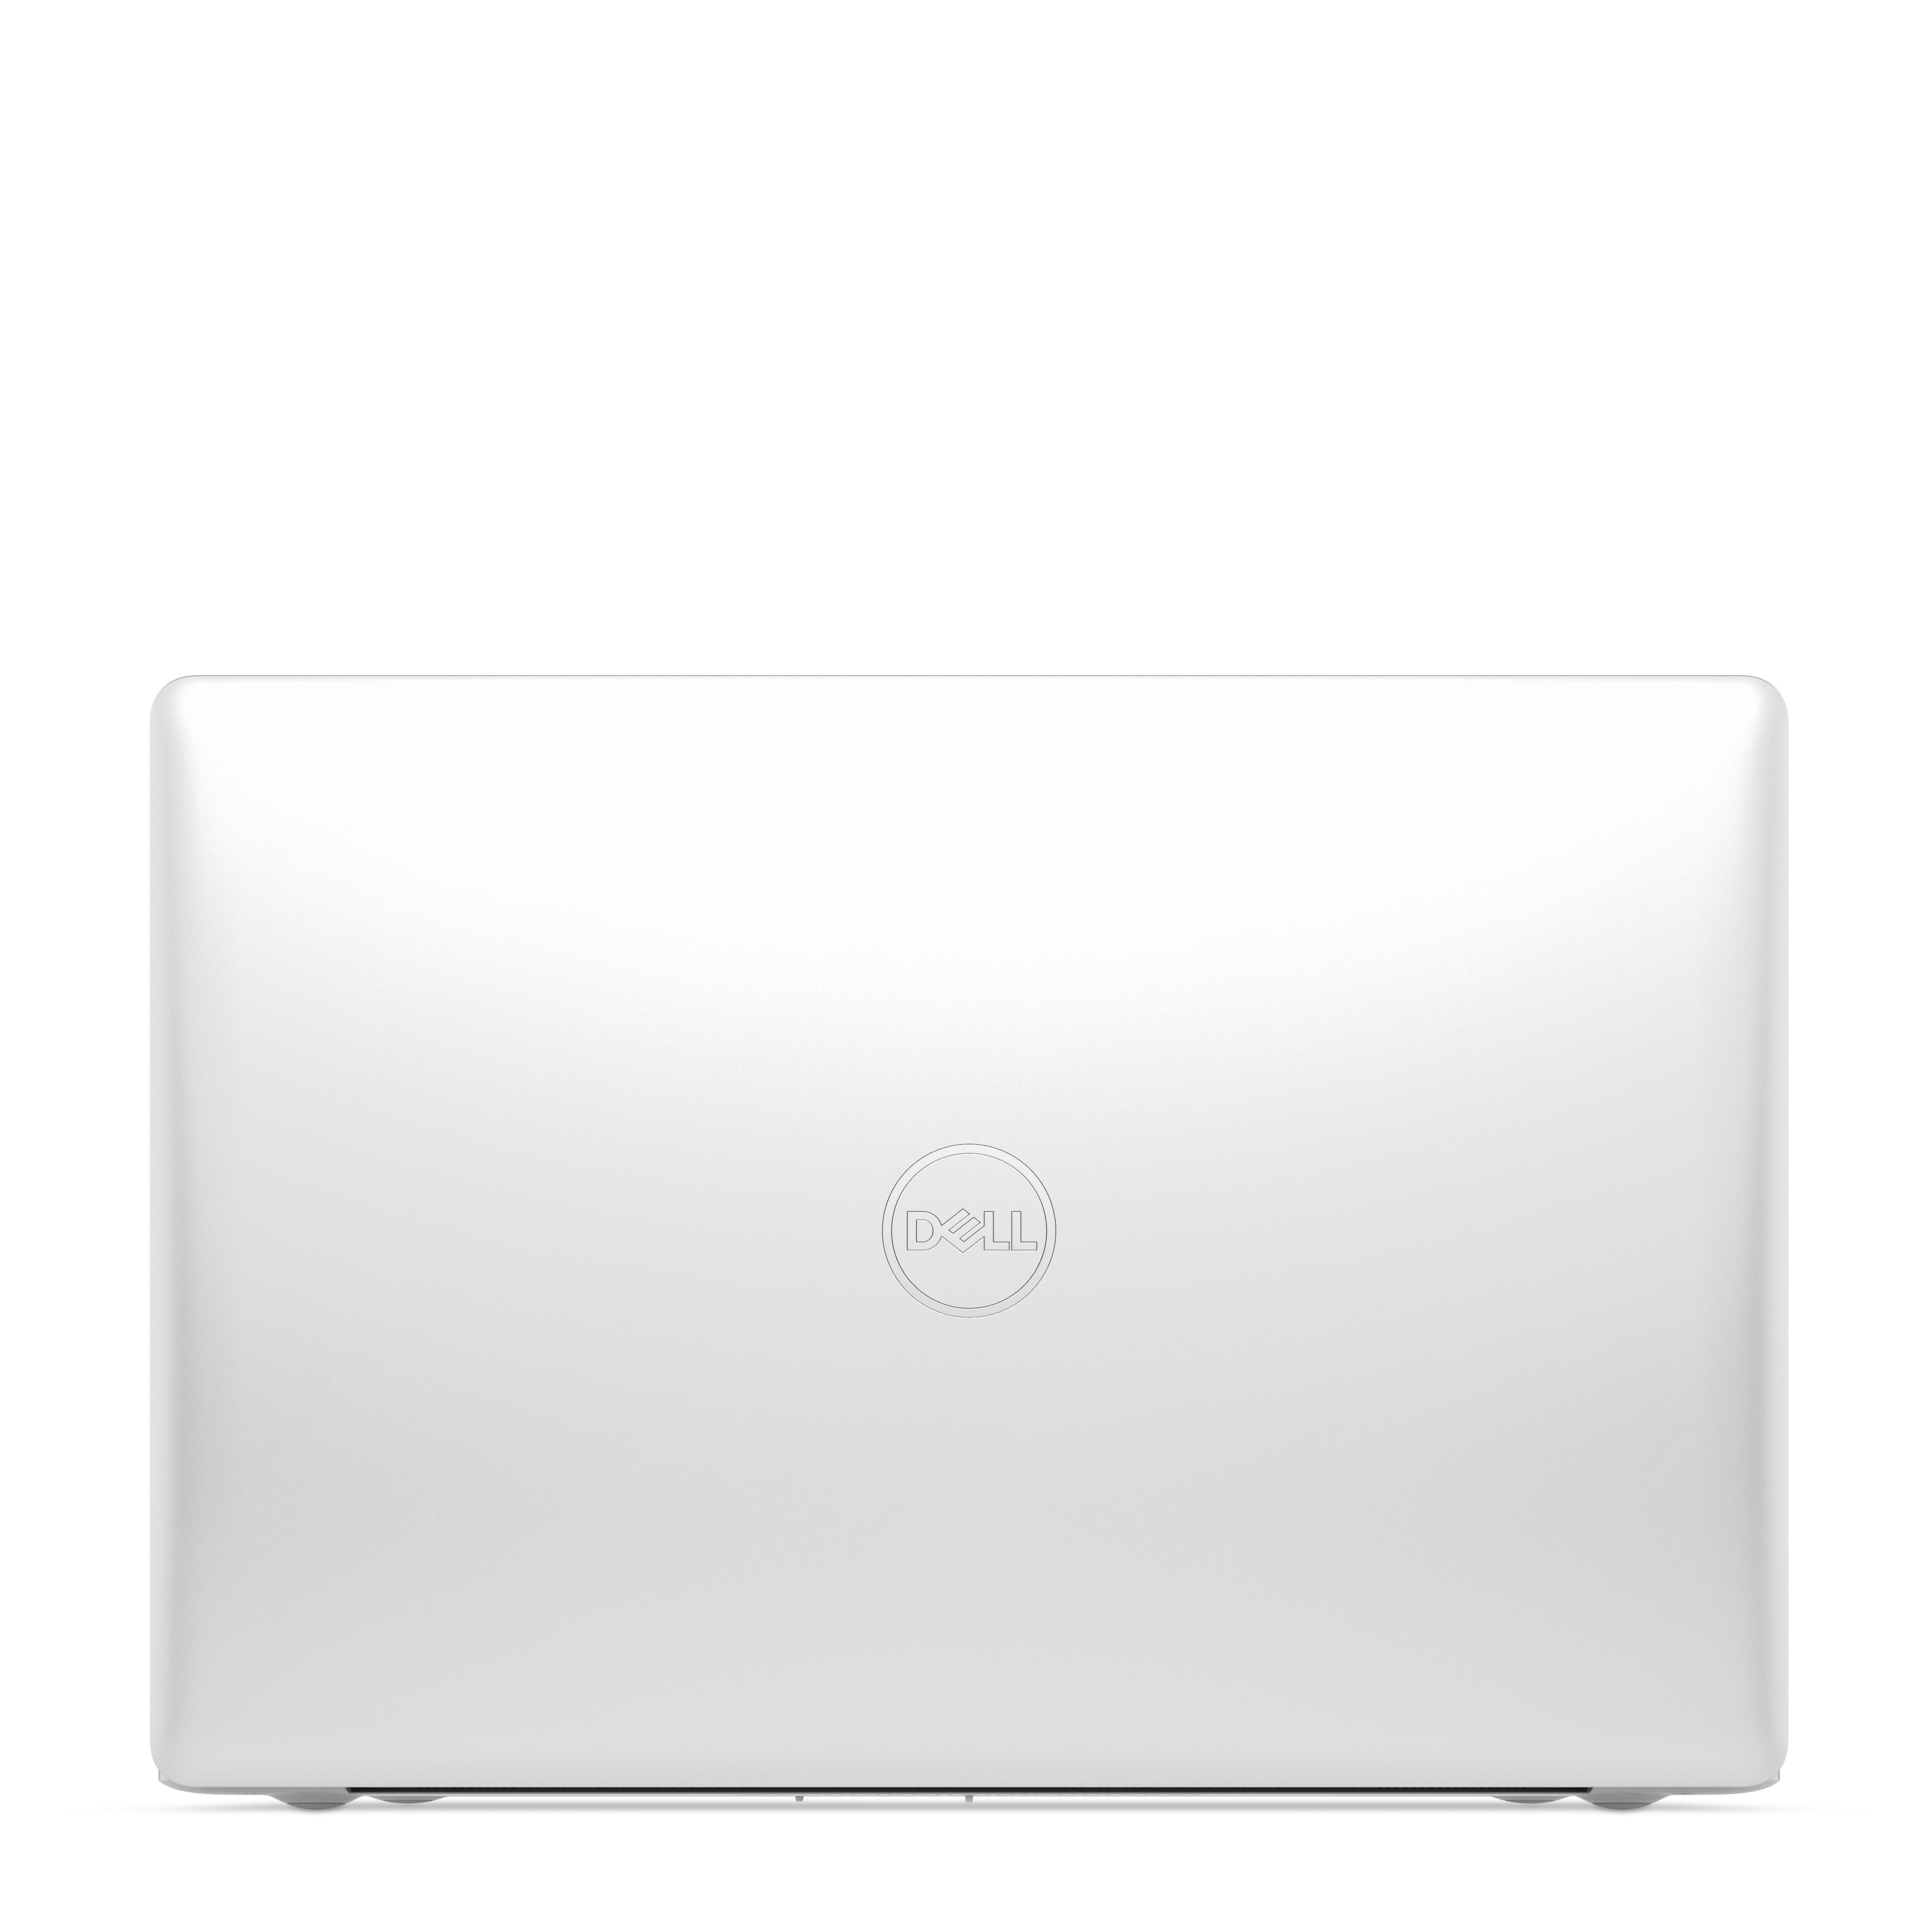 Notebook Inspiron 13 5000